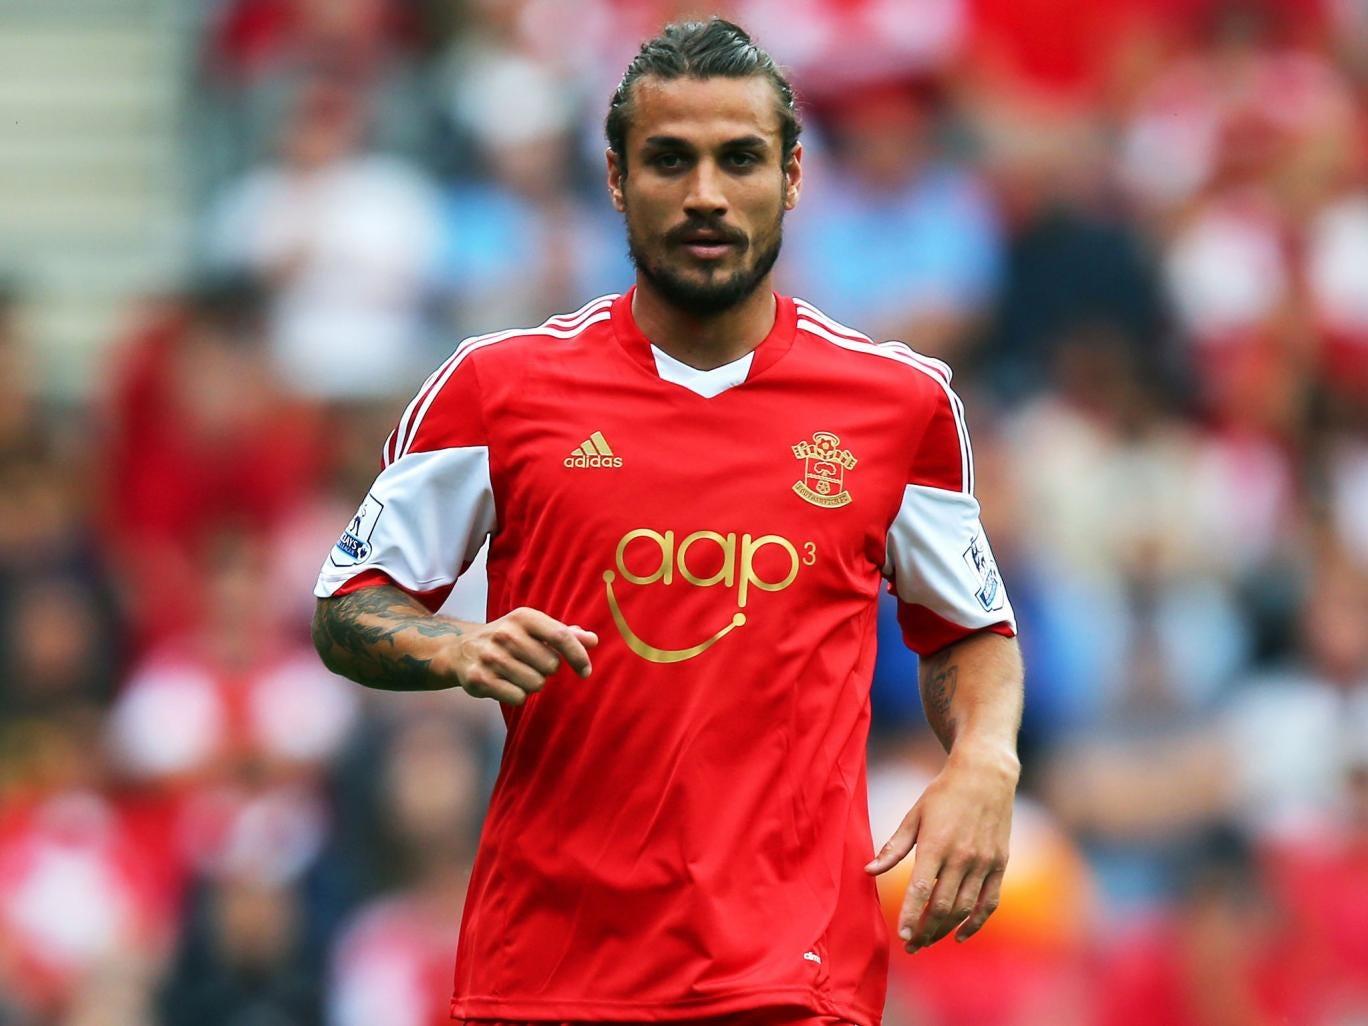 Daniel Pablo Osvaldo narrowly avoided a red card